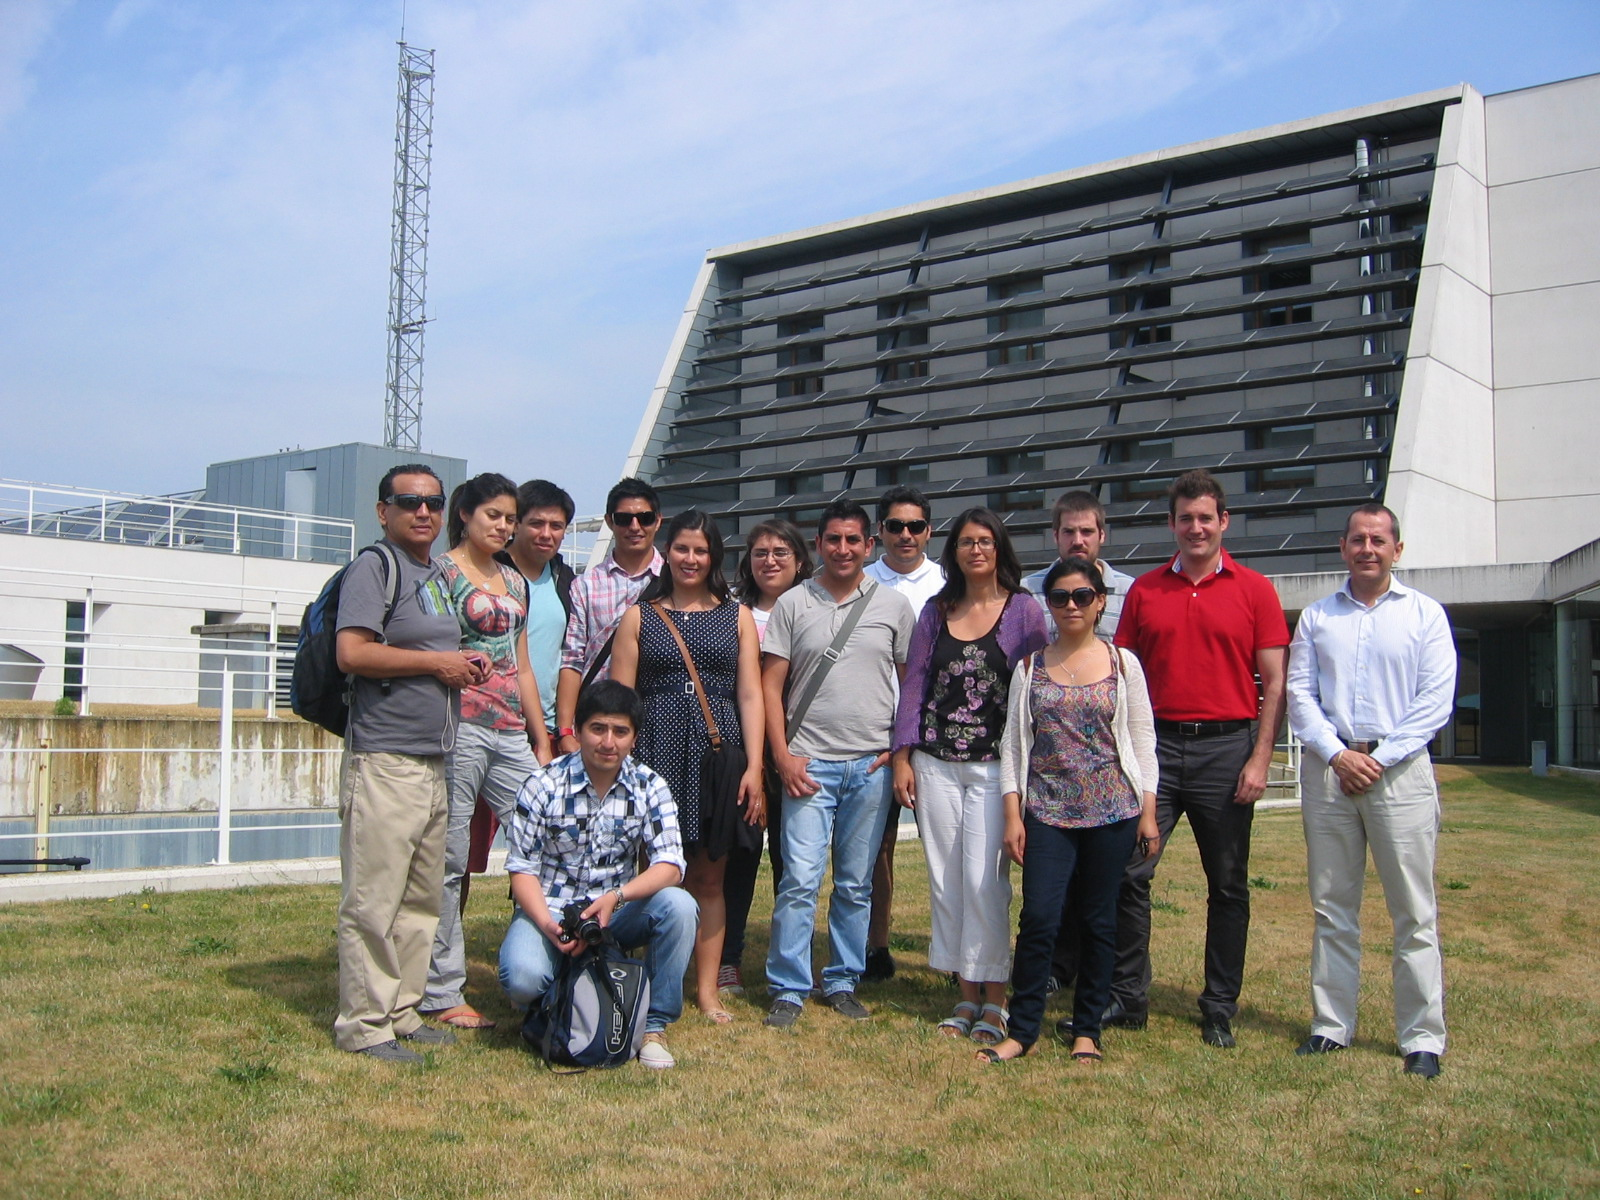 Visita de estudiantes chilenos del Instituto de FP Superior de Usúrbil (Guipúzcoa)